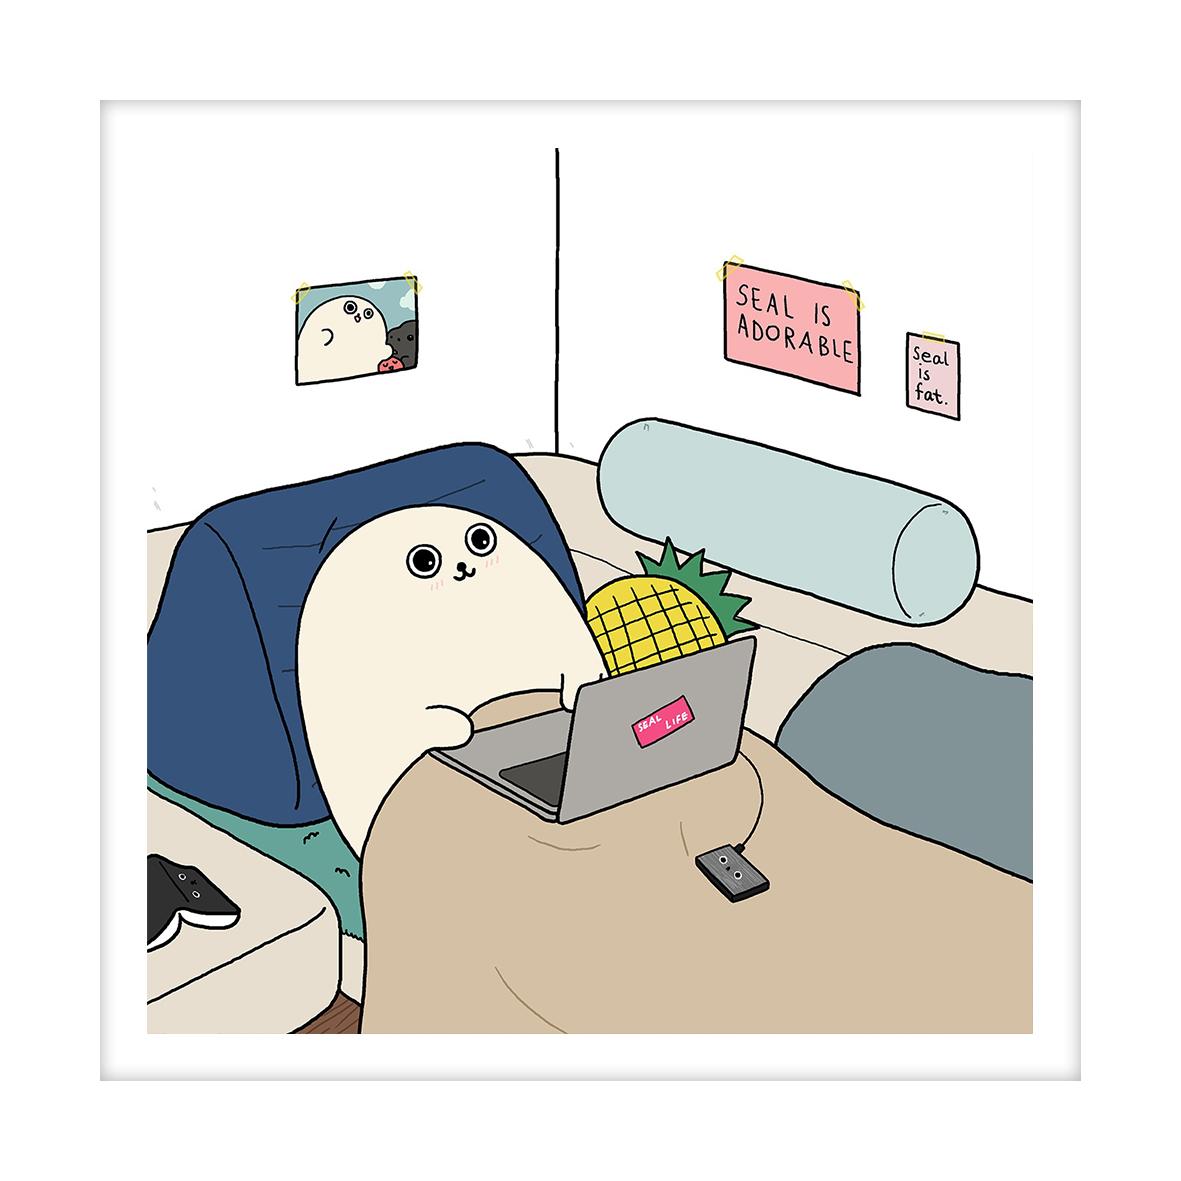 【王XX官方限量版画】小海豹系列|我还不错